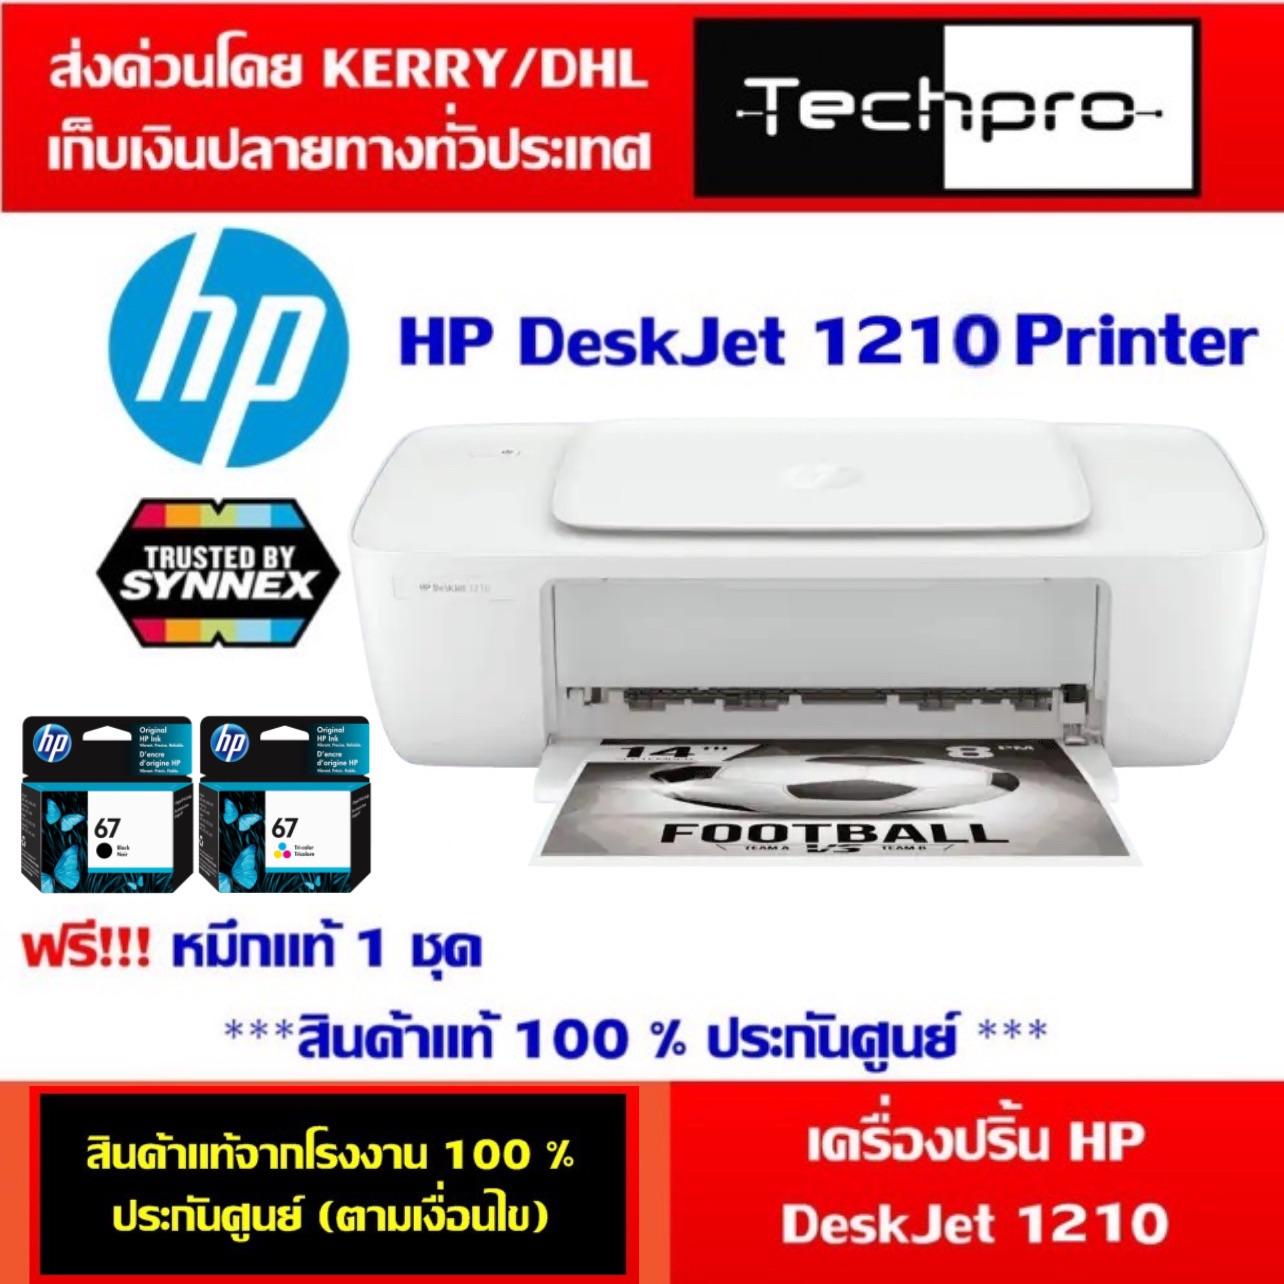 เครื่องปริ้นเตอร์ Hp รุ่น Hp Deskjet 1210 Printer (ประกันศูนย์) เครื่องปริ้นขาวดำ พร้อมหมึกแท้ 1 ชุด.